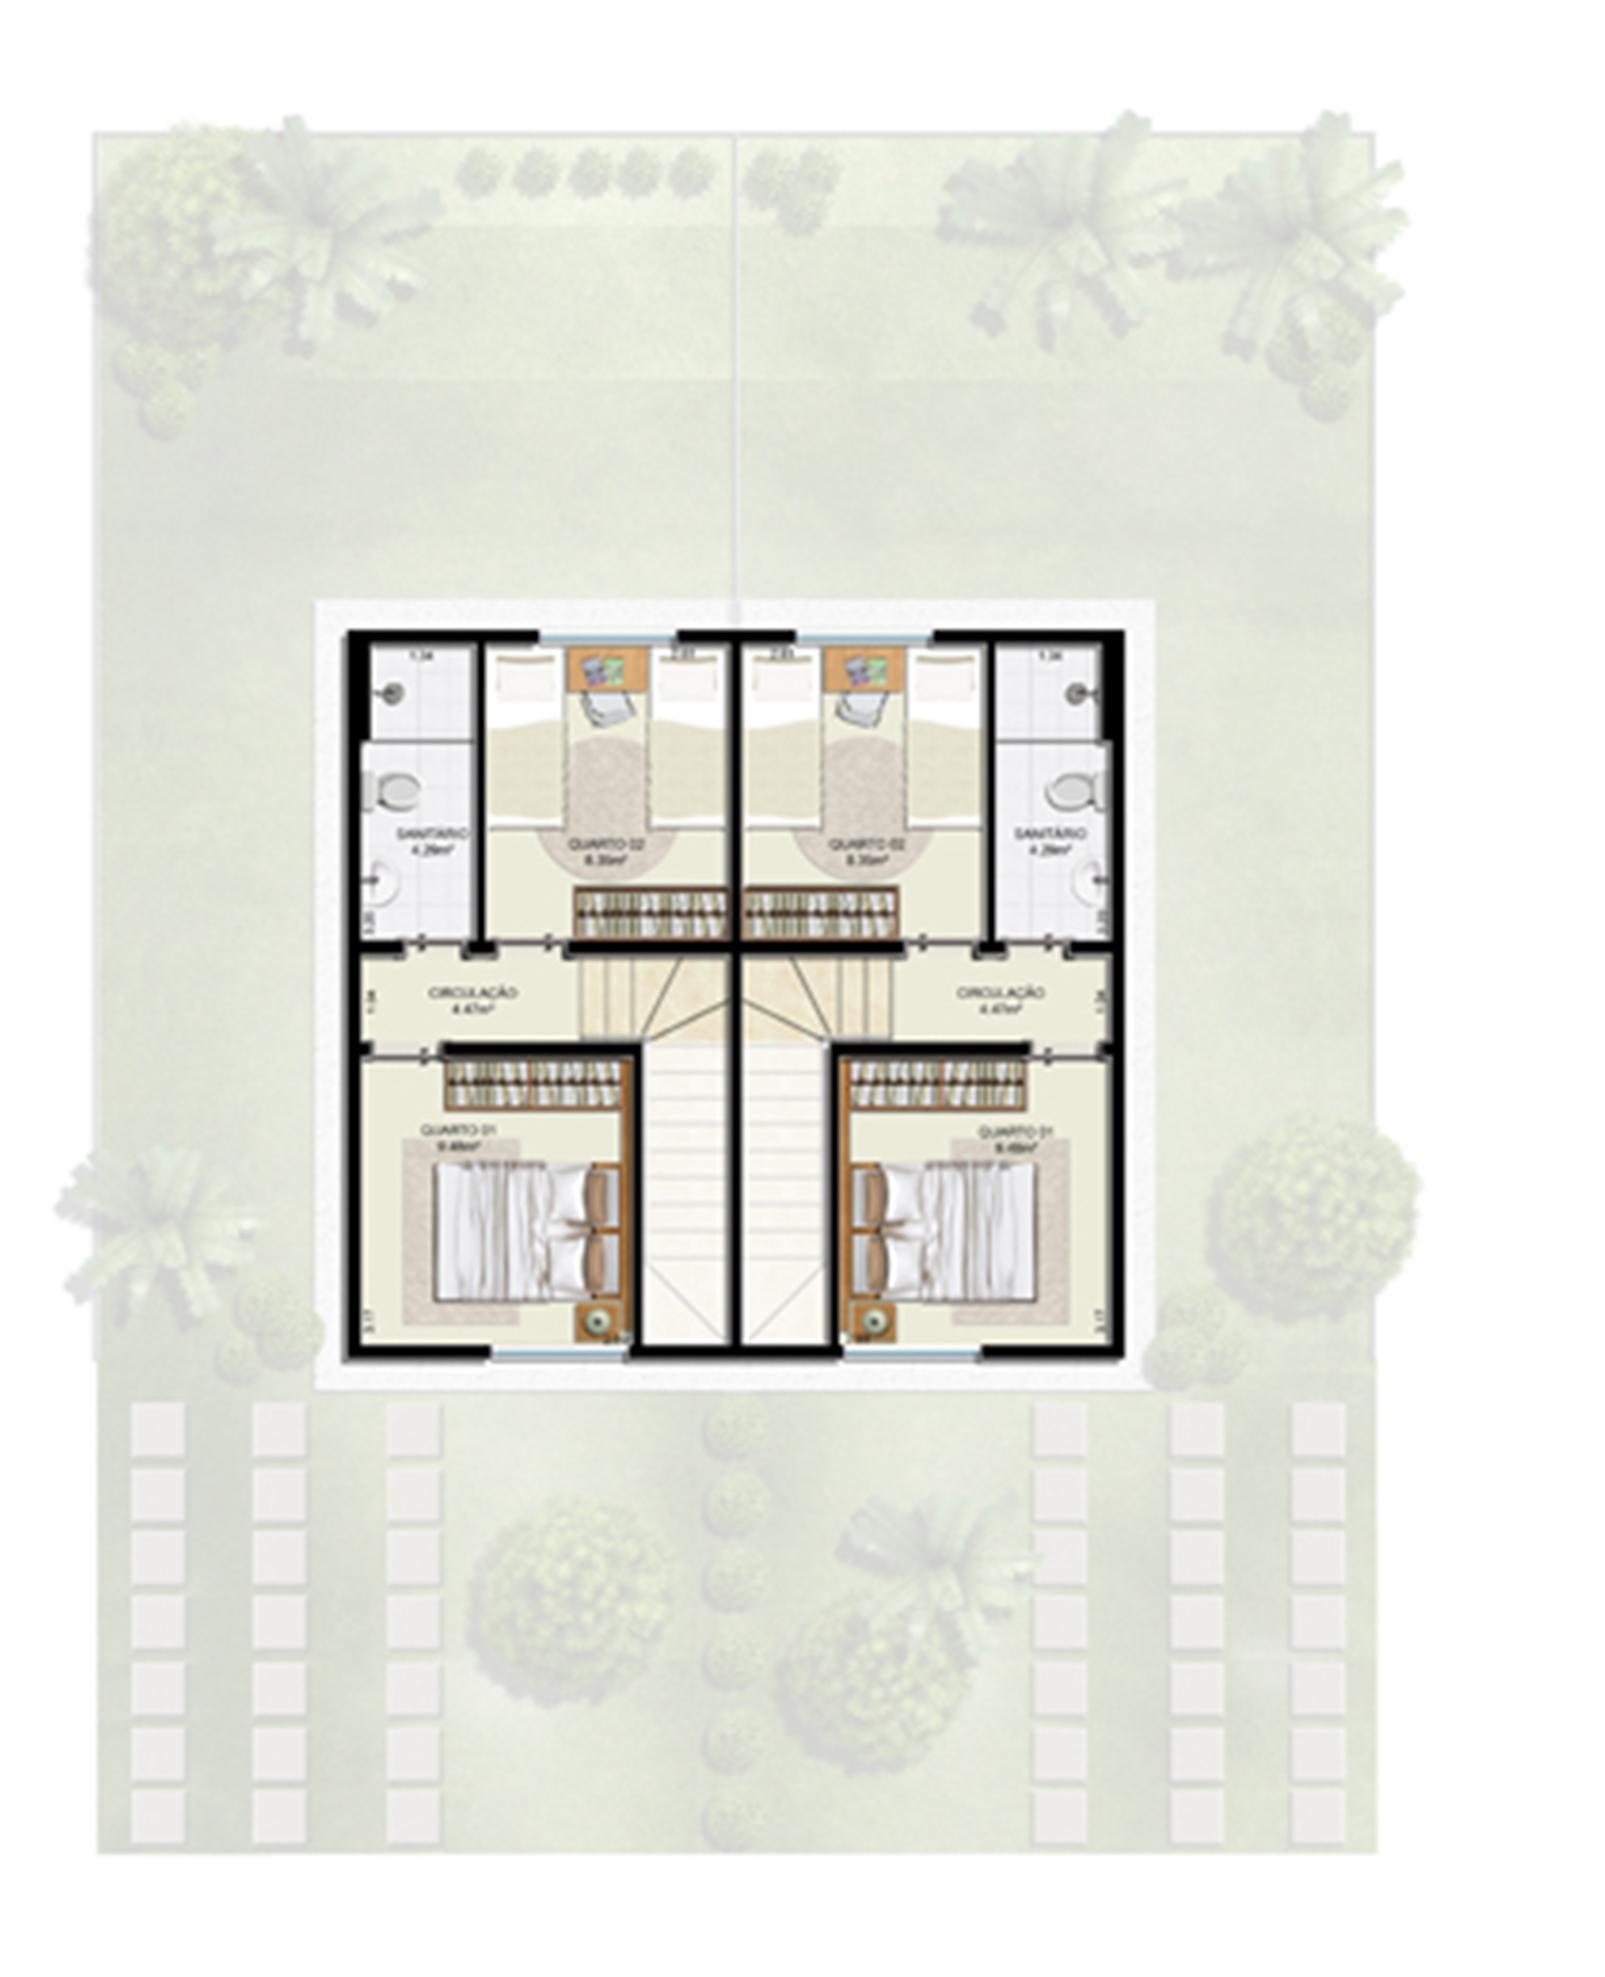 Planta 2 quartos - 1º pavimento - 55 m² - Casa Dupla  | Casas do Bosque – Casano  Cají - Lauro de Freitas - Bahia